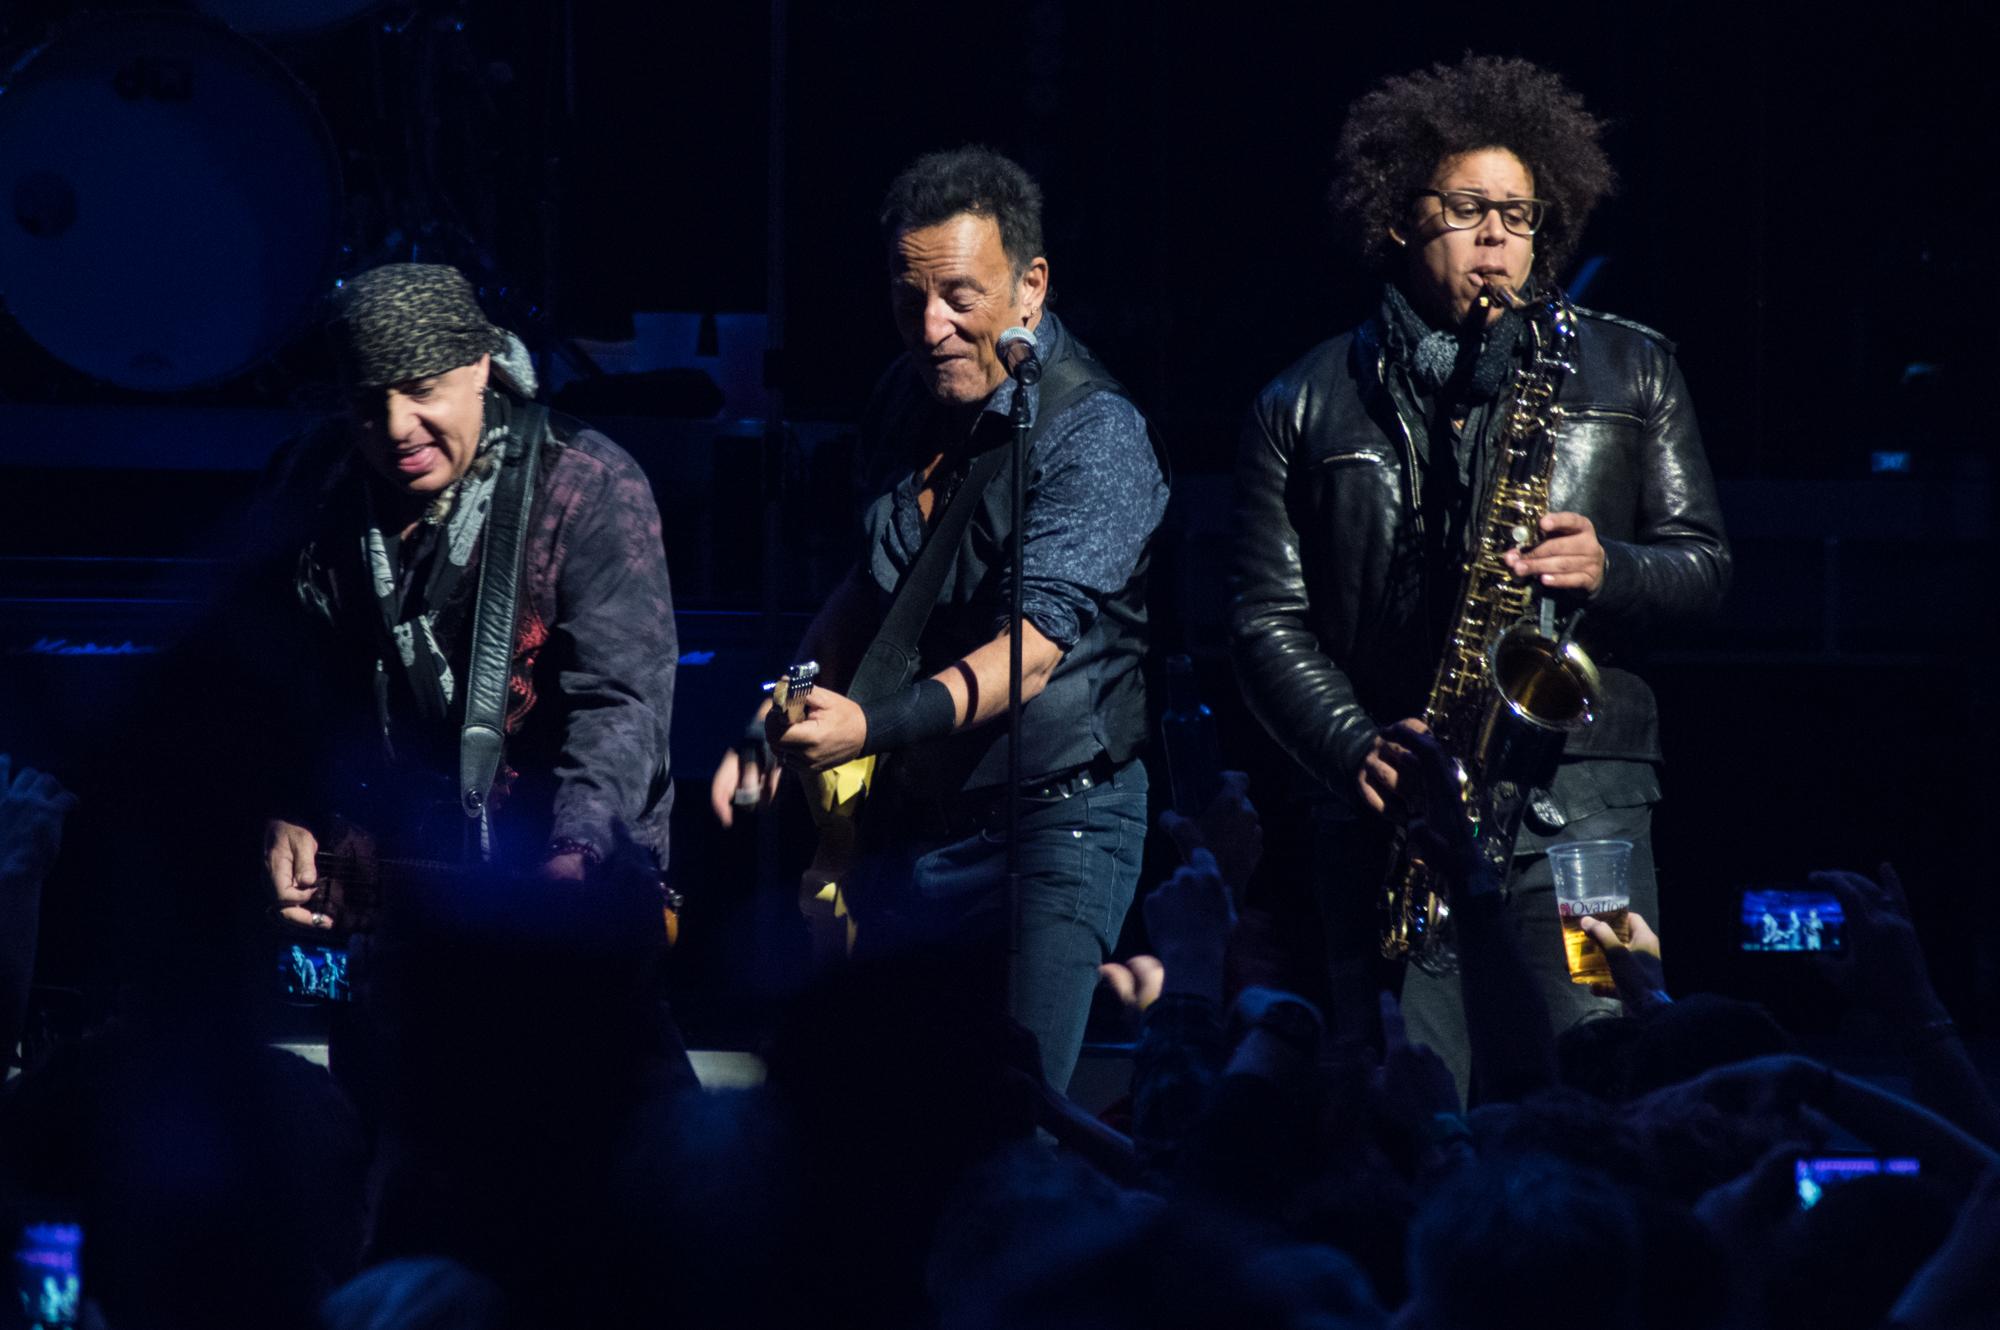 SpringsteenHartford_Feb10-5124.jpg